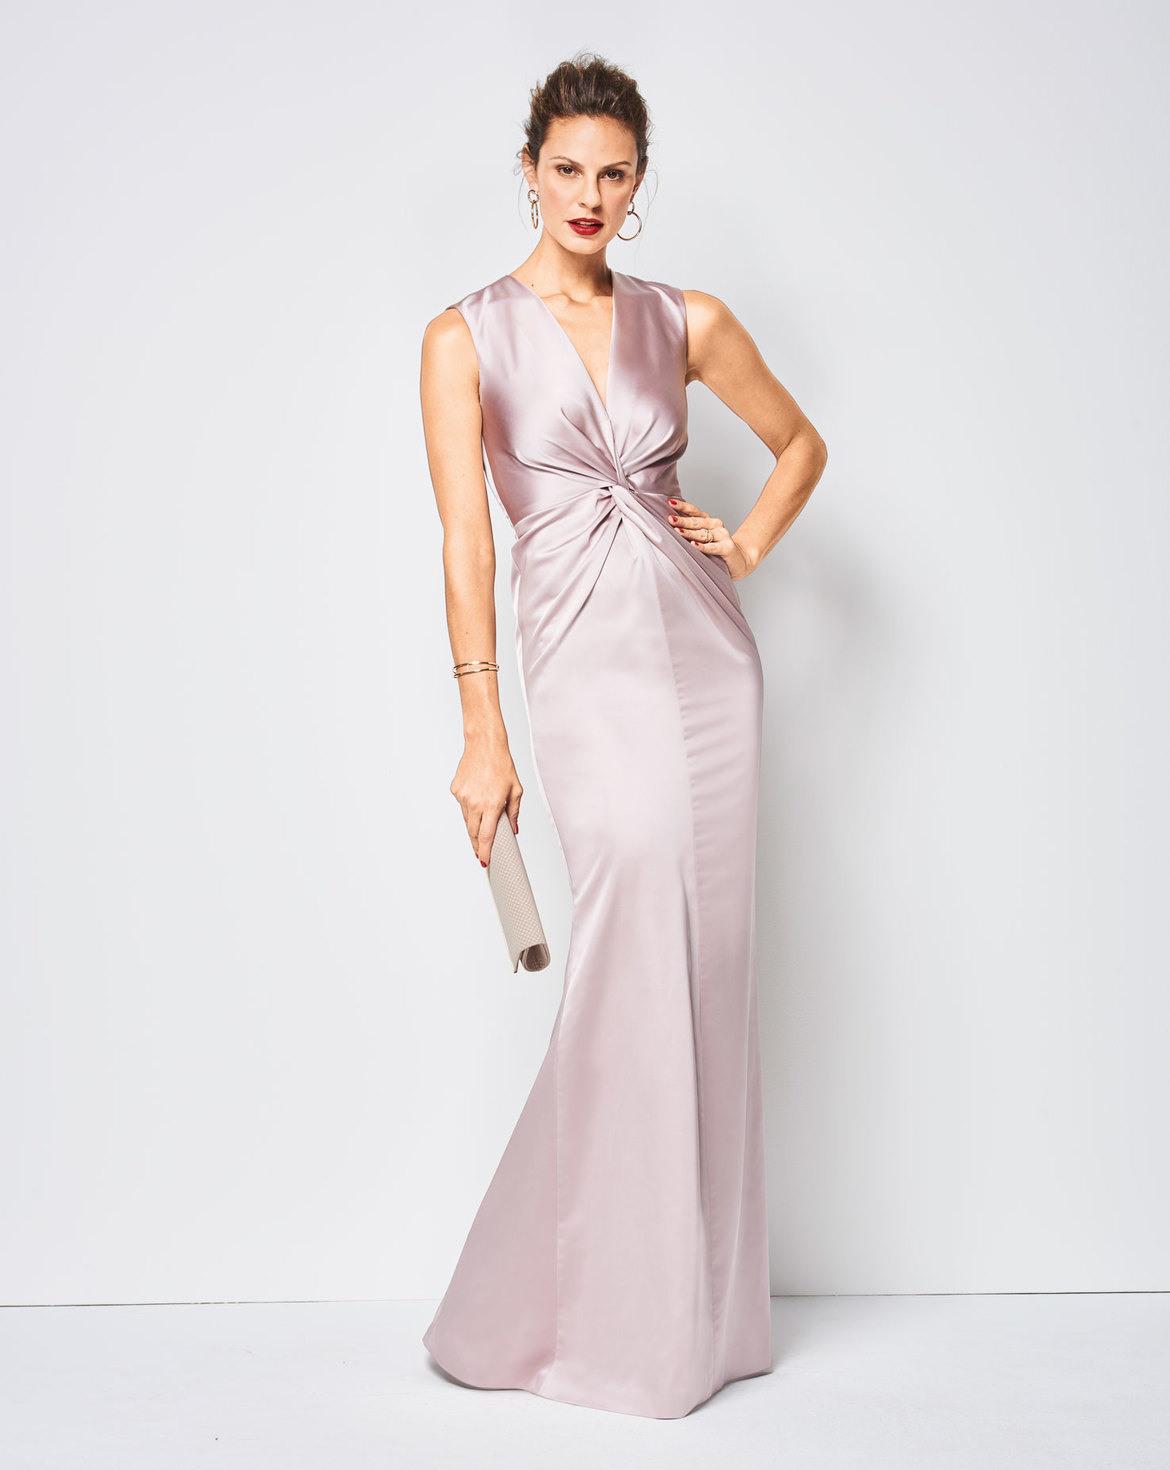 Abend Luxus Abendkleider F Bester Preis Einfach Abendkleider F Stylish